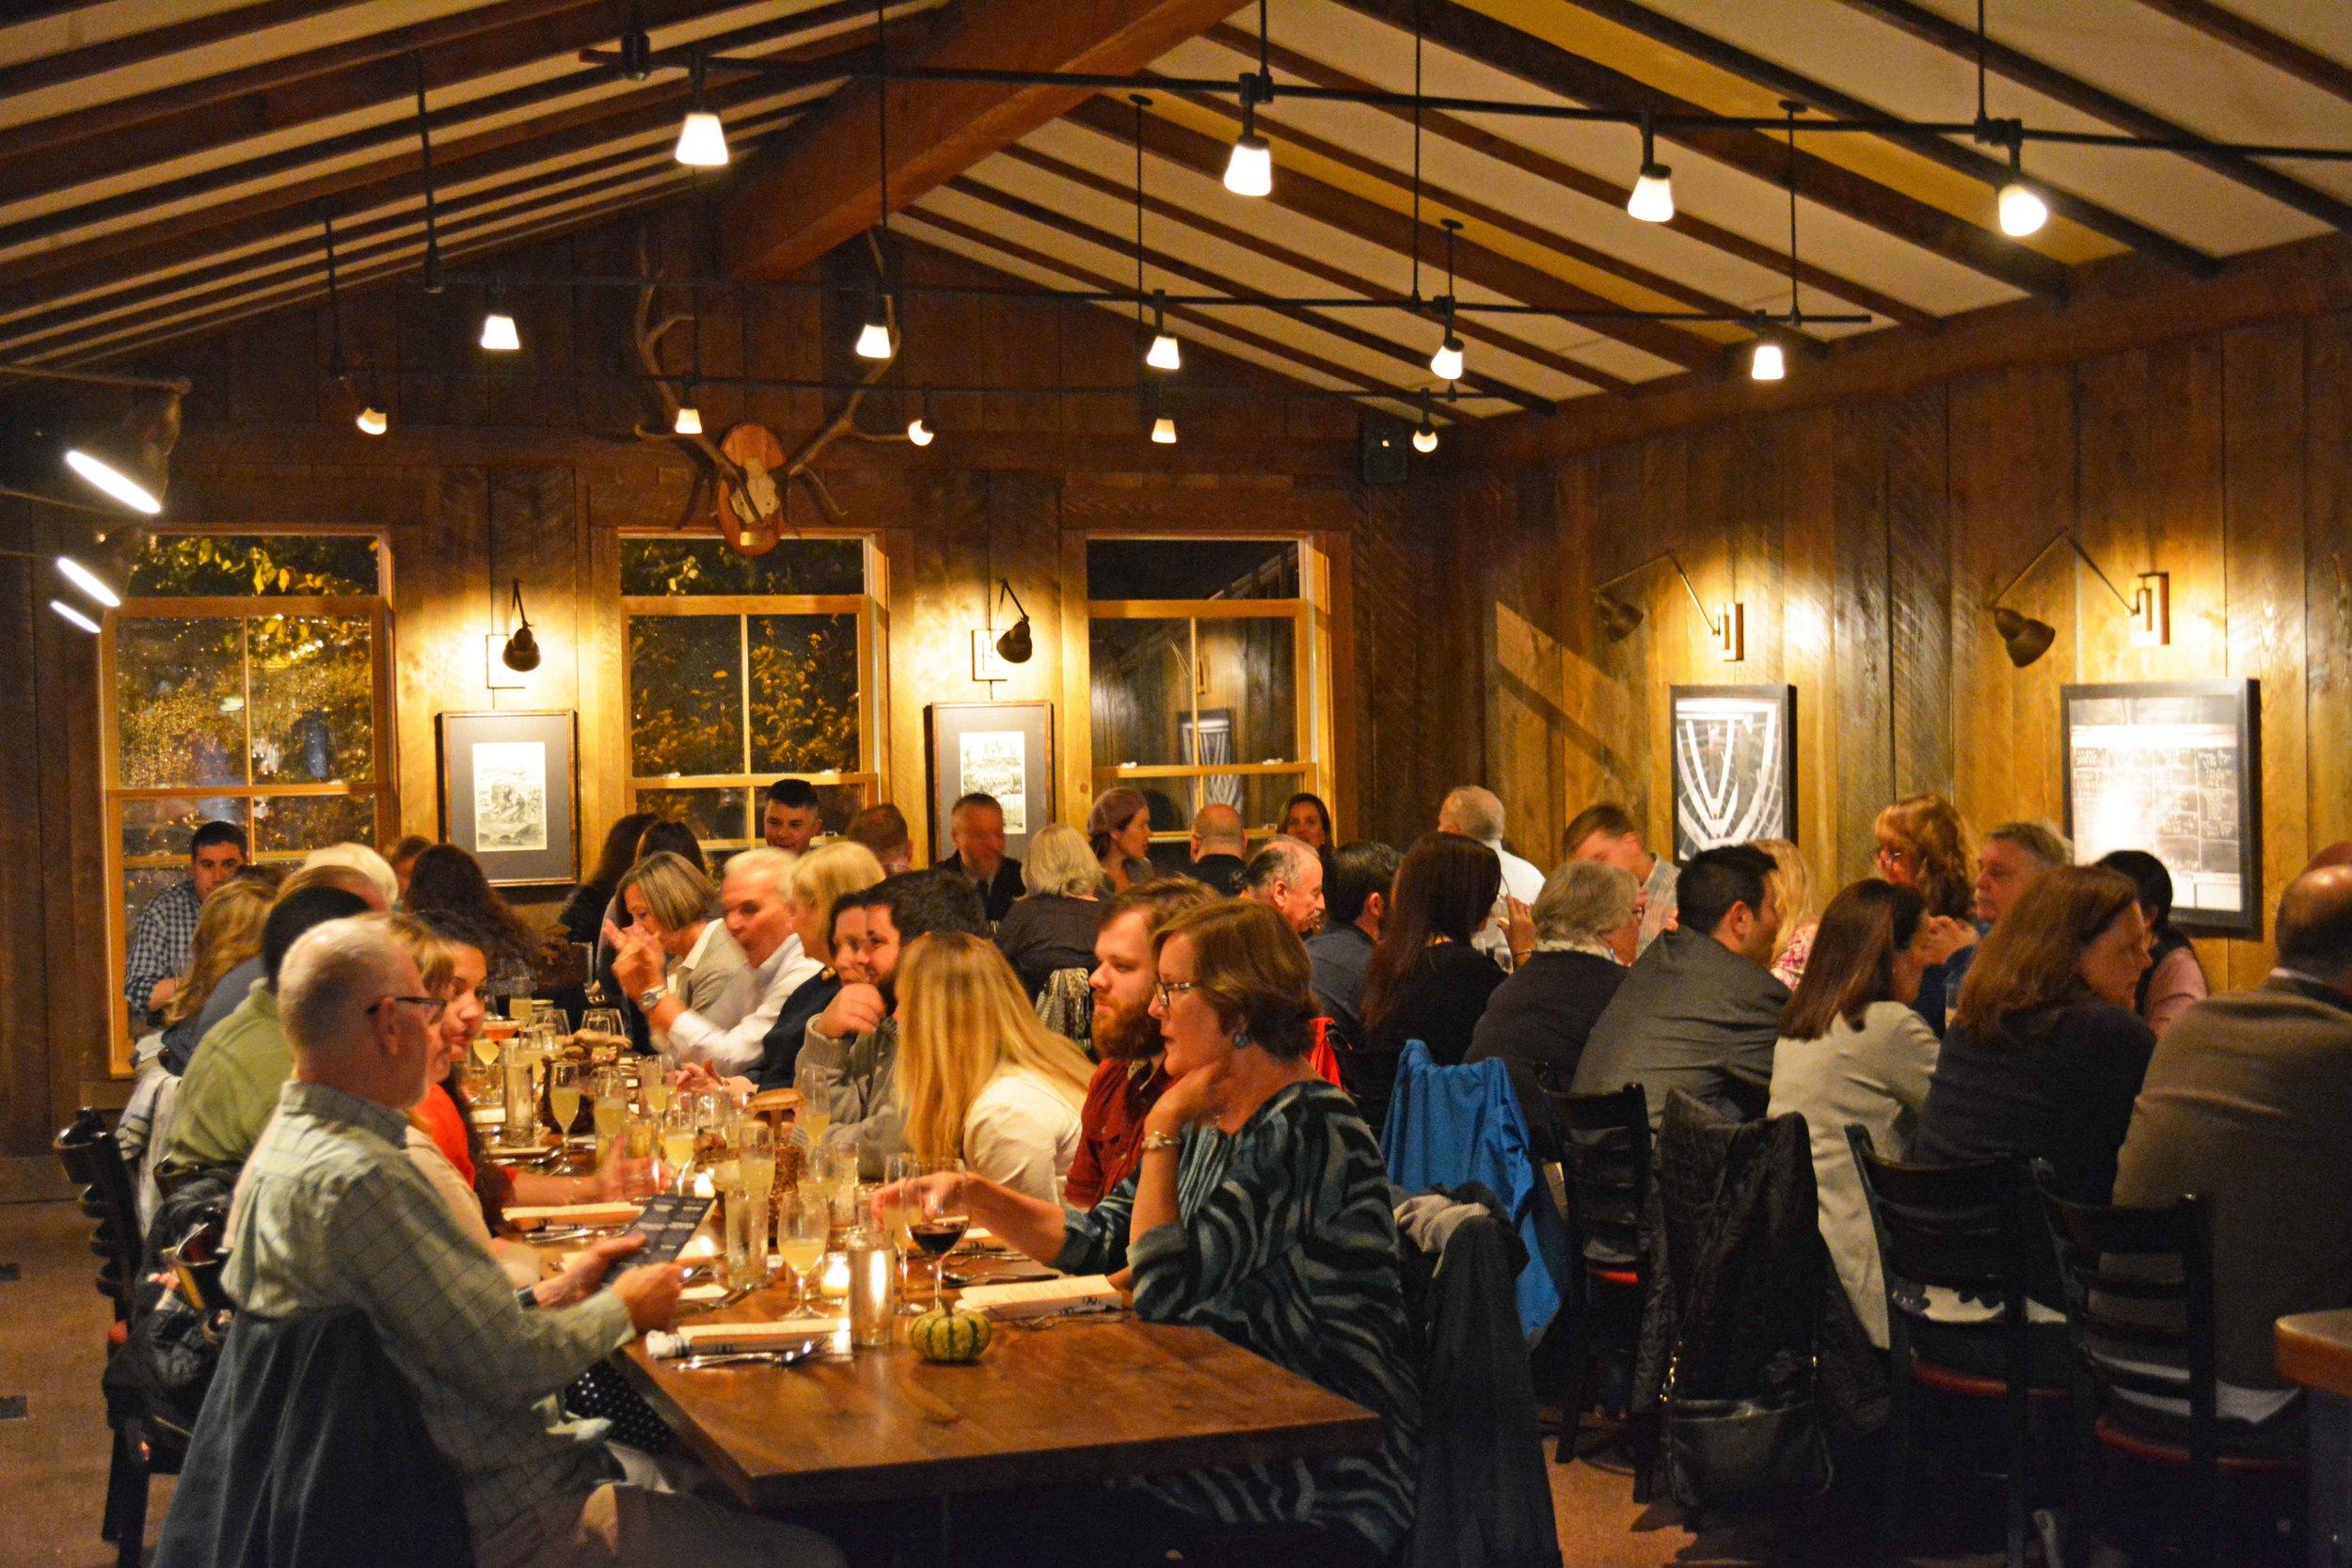 SSS_mushroom_dining-room.jpg